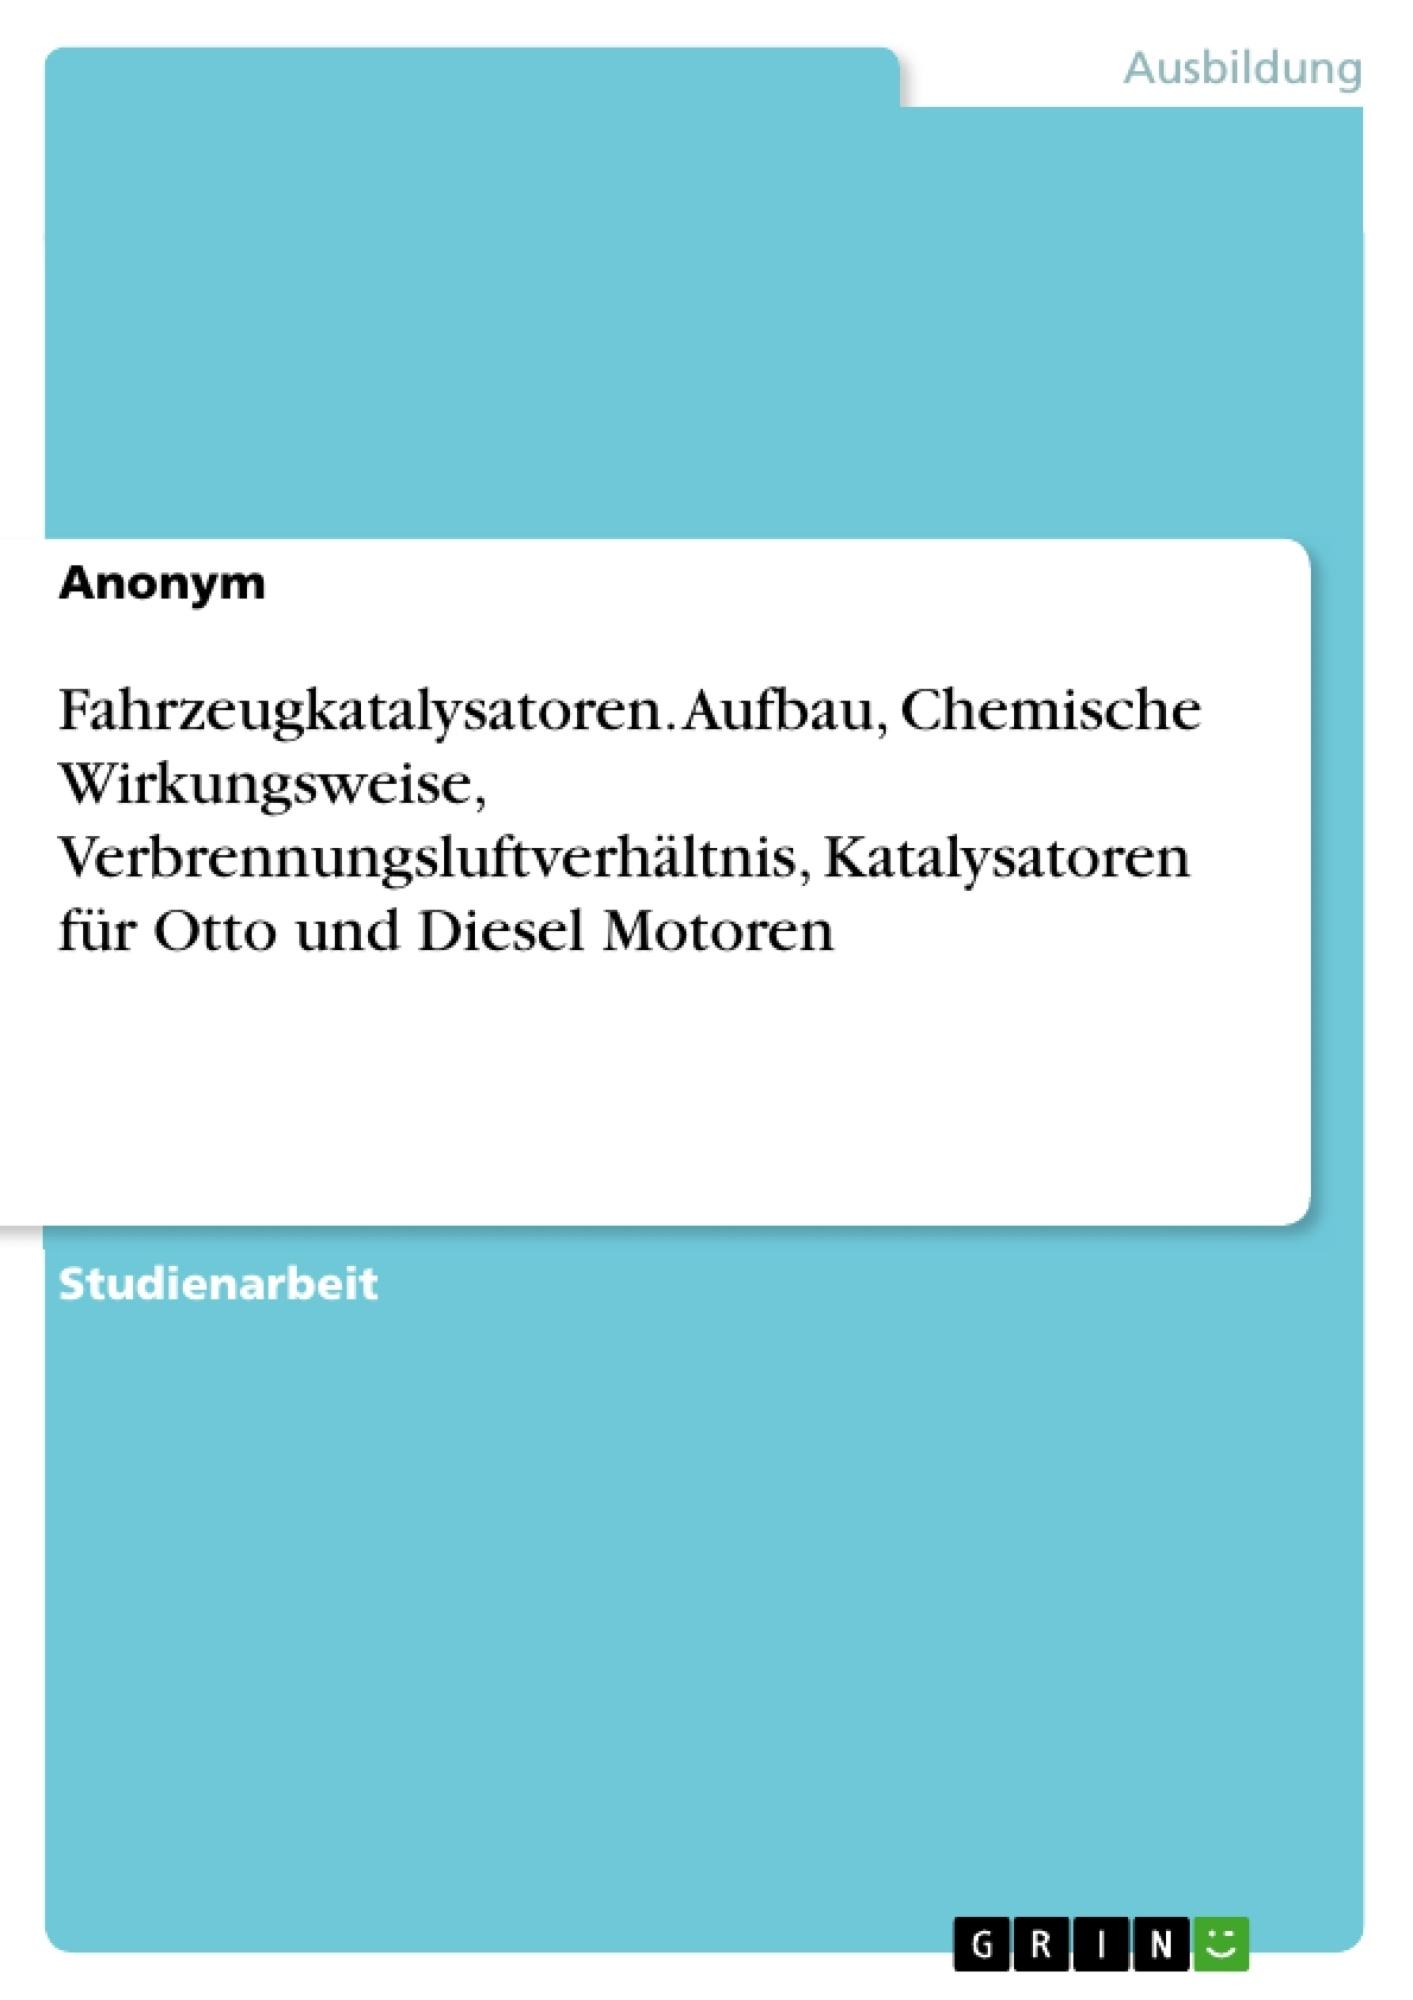 Grin Fahrzeugkatalysatoren Aufbau Chemische Wirkungsweise Verbrennungsluftverhältnis Katalysatoren Für Otto Und Diesel Motoren